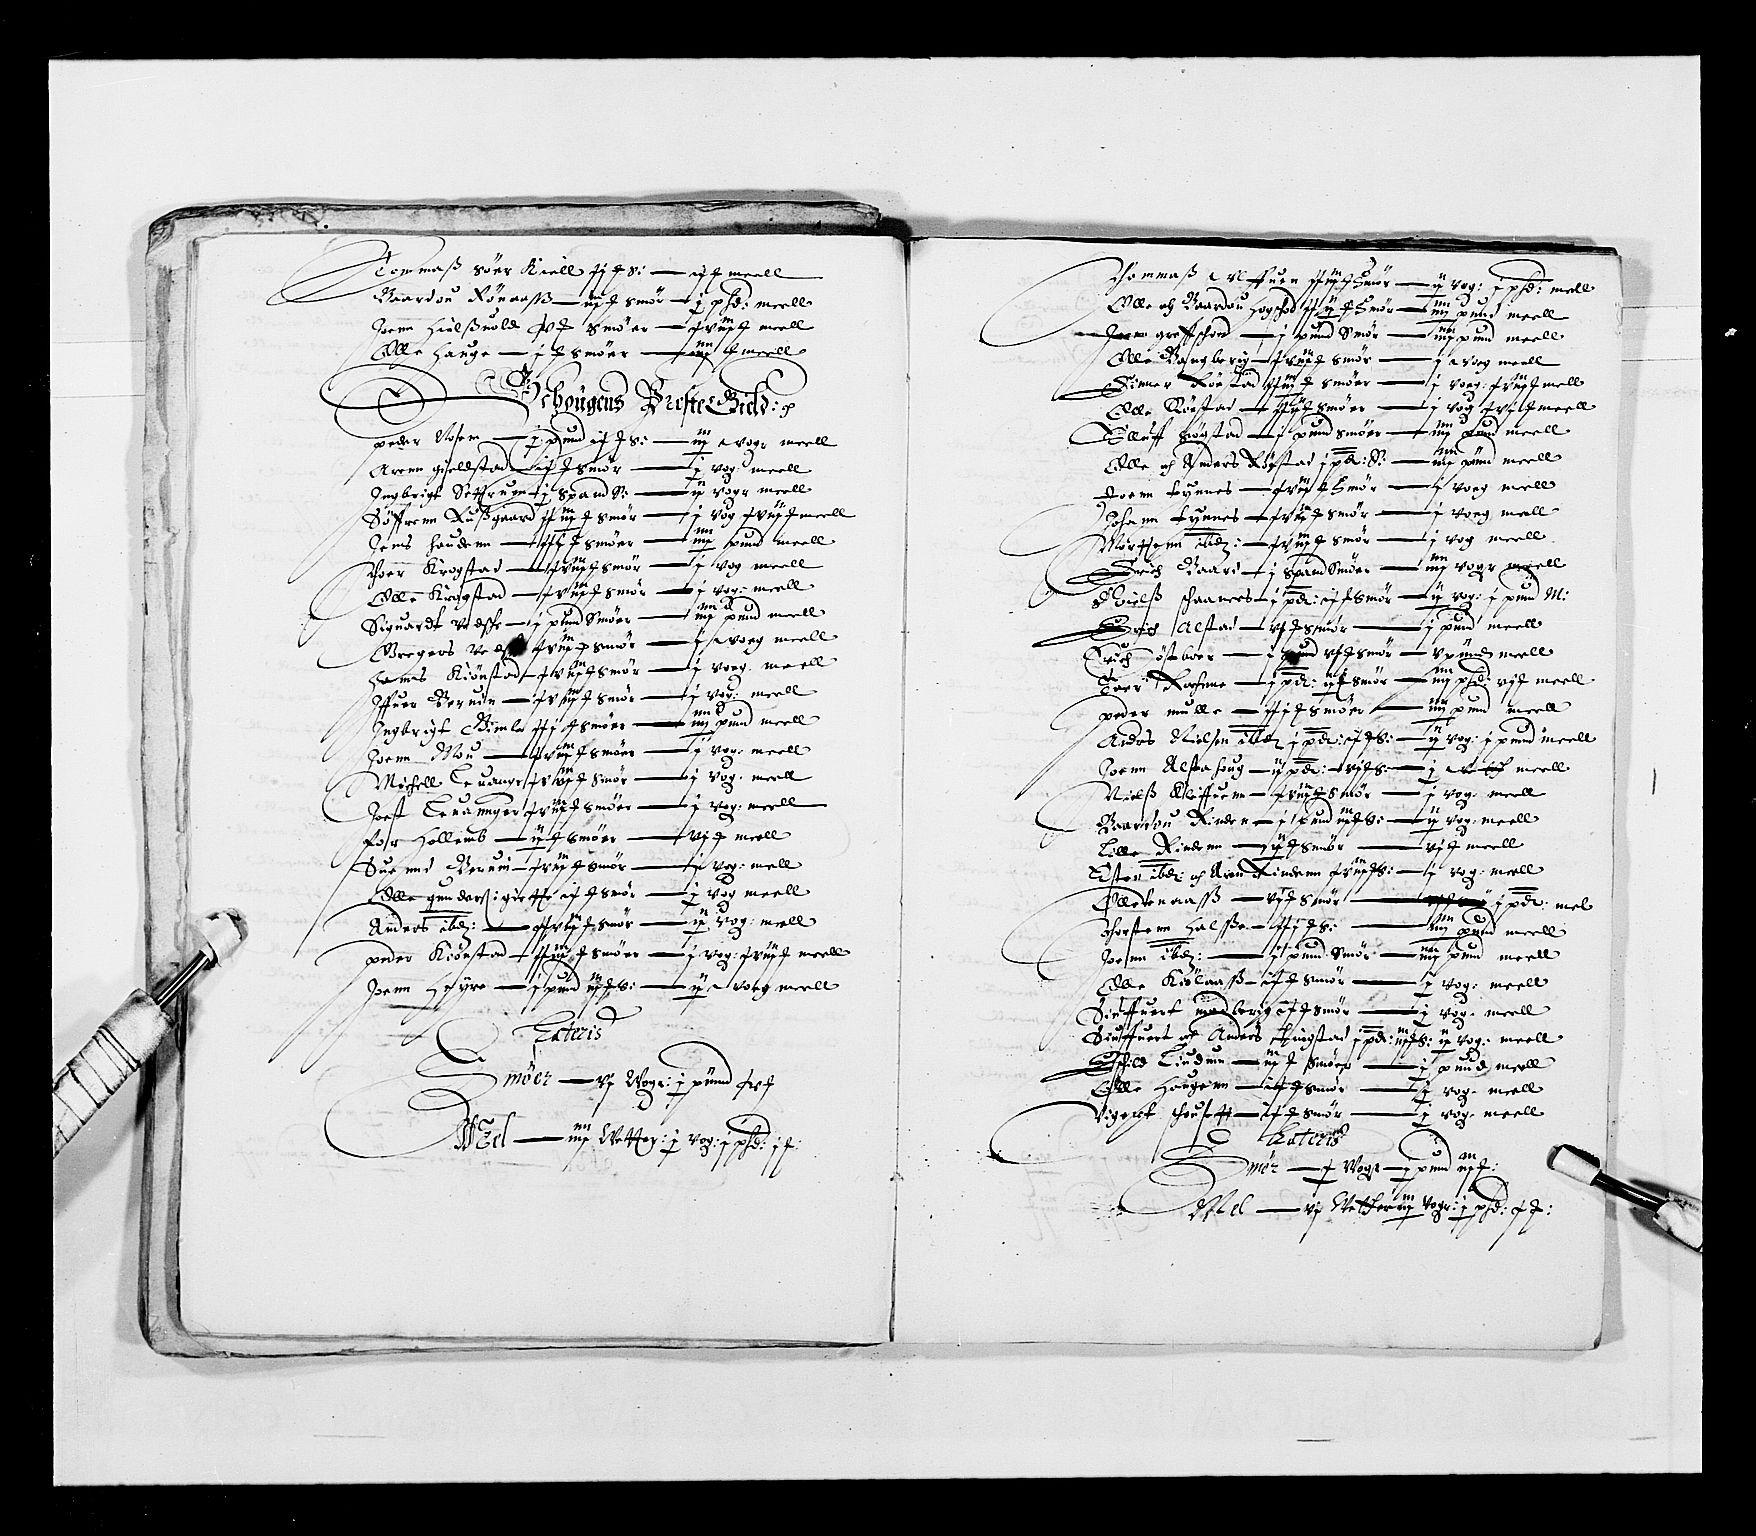 RA, Stattholderembetet 1572-1771, Ek/L0028: Jordebøker 1633-1658:, 1645-1646, s. 135